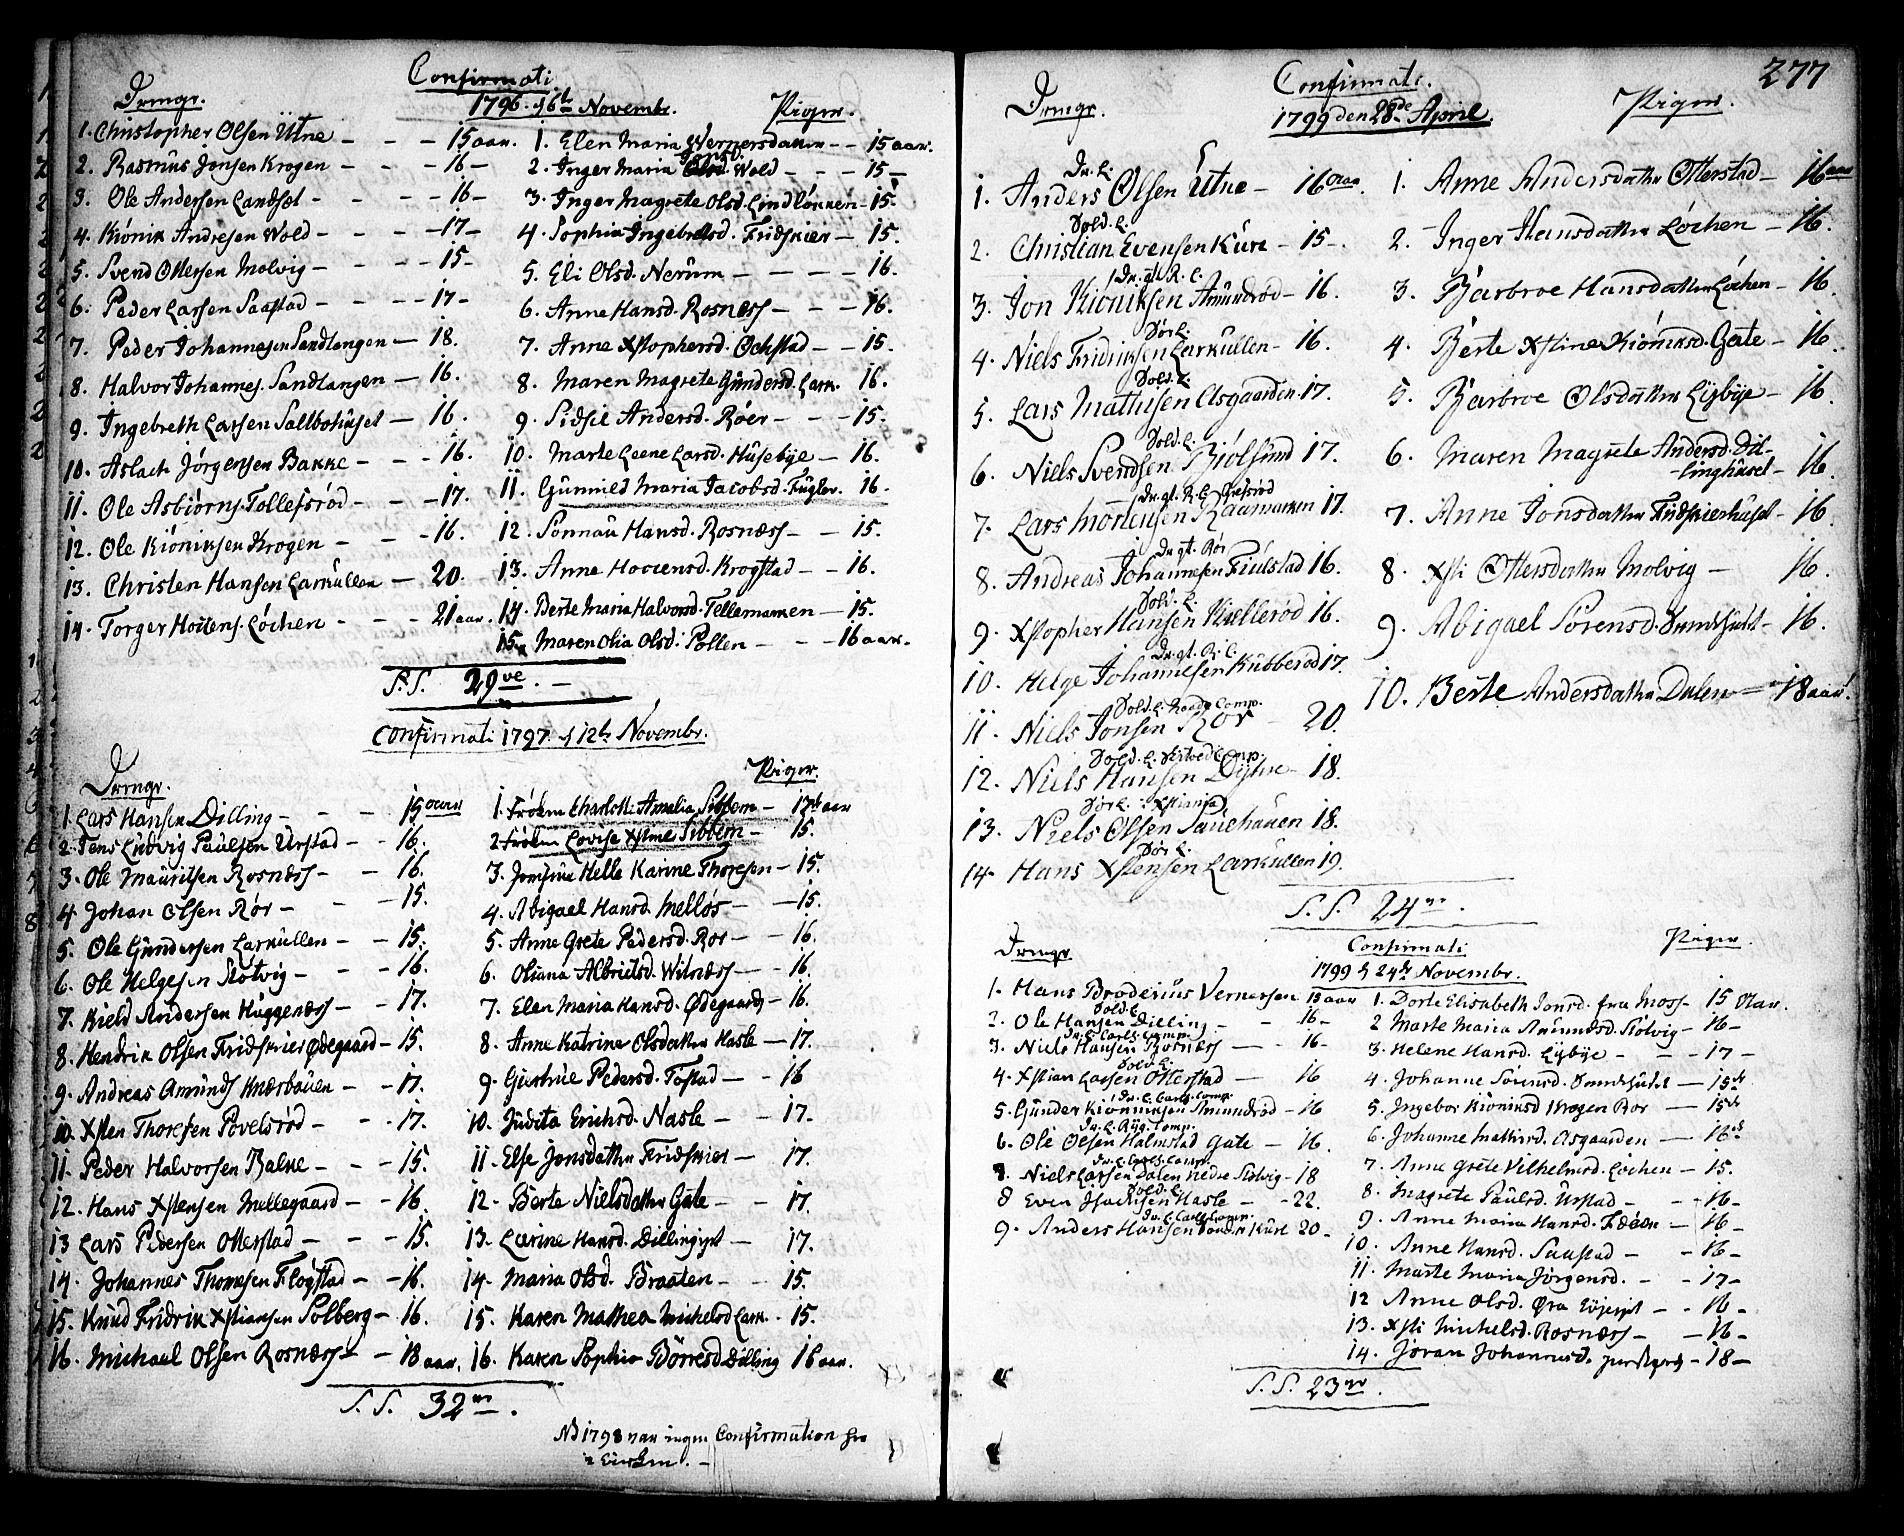 SAO, Rygge prestekontor Kirkebøker, F/Fa/L0002: Ministerialbok nr. 2, 1771-1814, s. 277